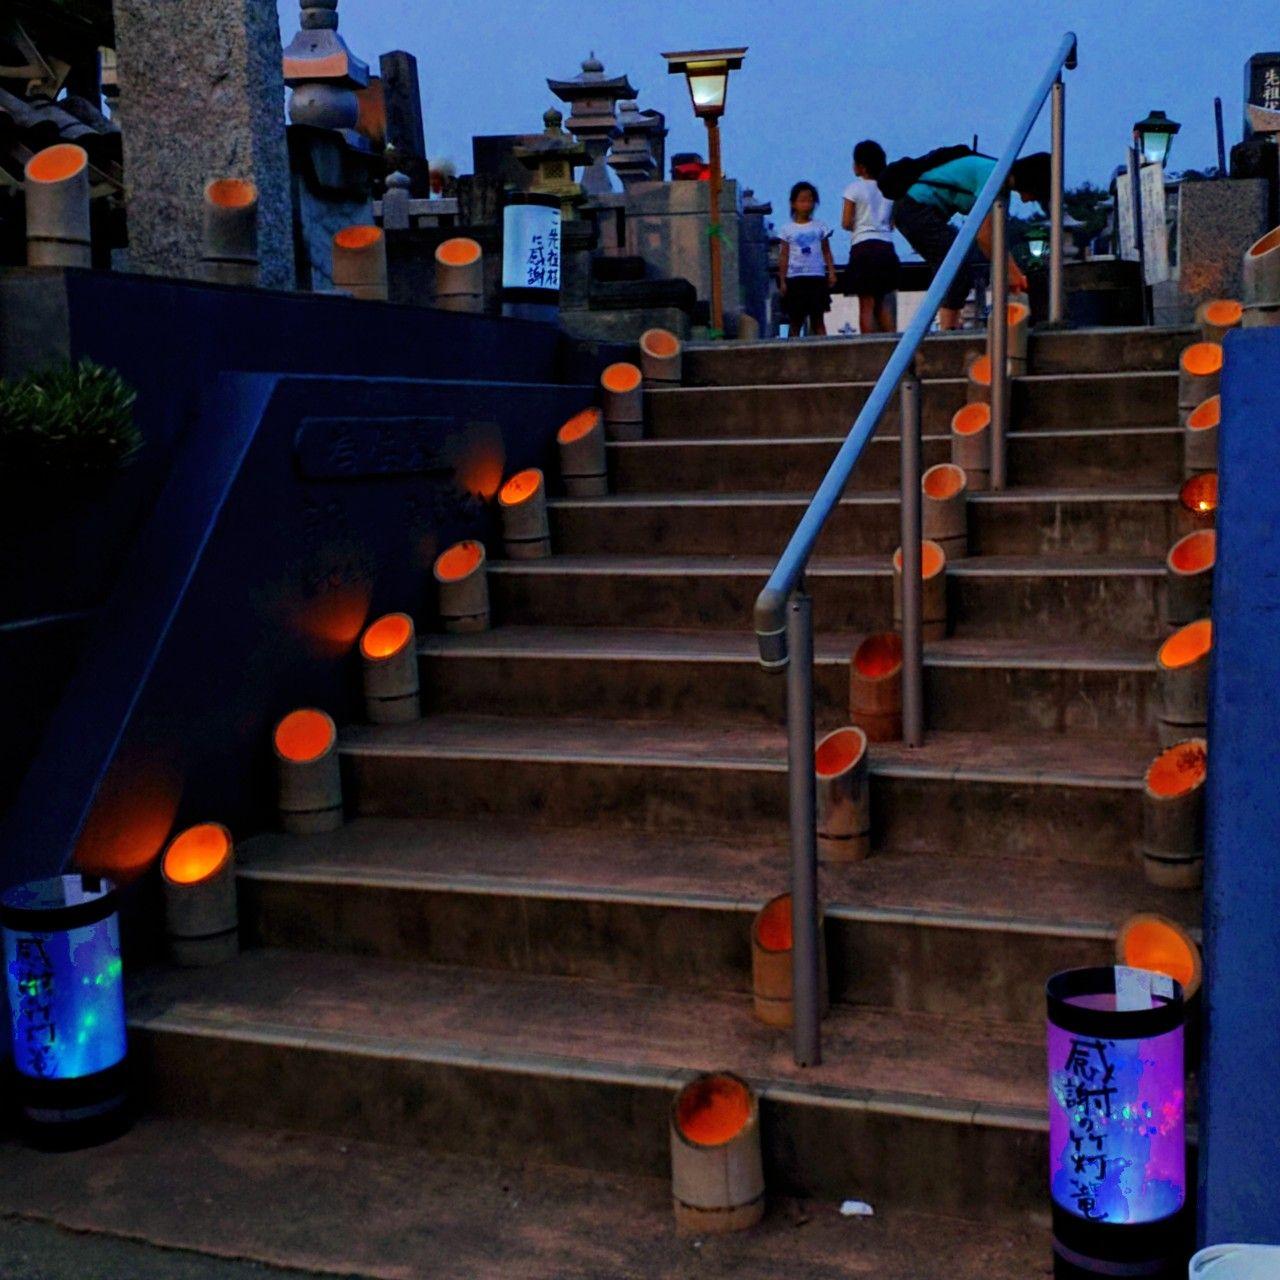 成就院二十三夜尊永代供養墓 お盆の迎え火送り火竹灯籠